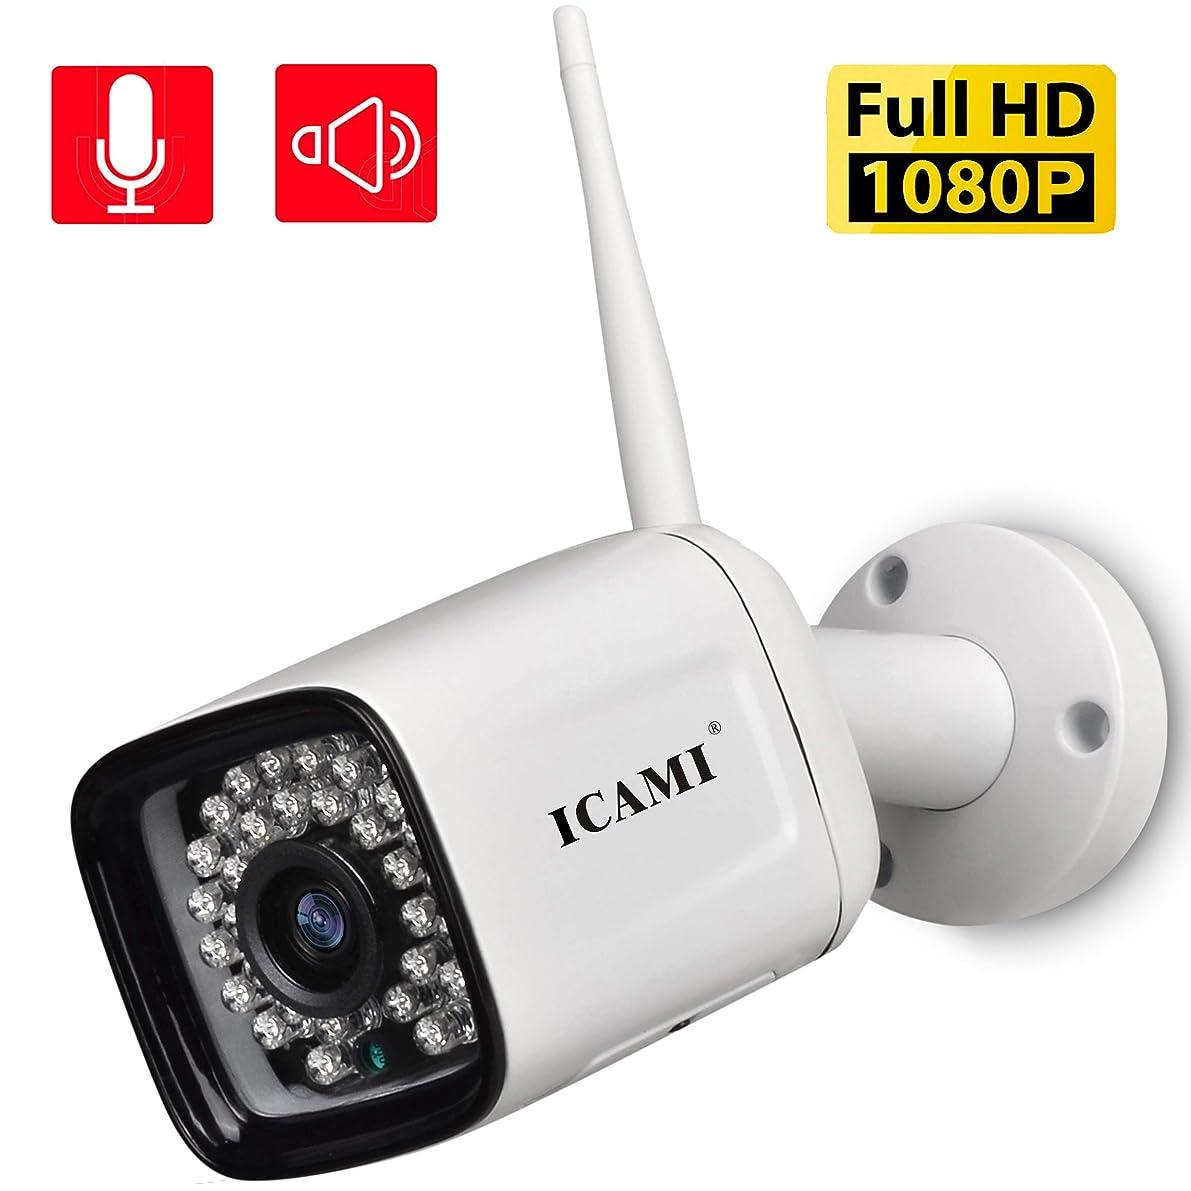 預言者ゼロ兵隊ICAMI 防犯カメラ ワイヤレス HD 1080P WiFi 屋外 無線 SDカード録画 双方向通話 監視カメラ 夜間監視カメラ 動体検知警報機能